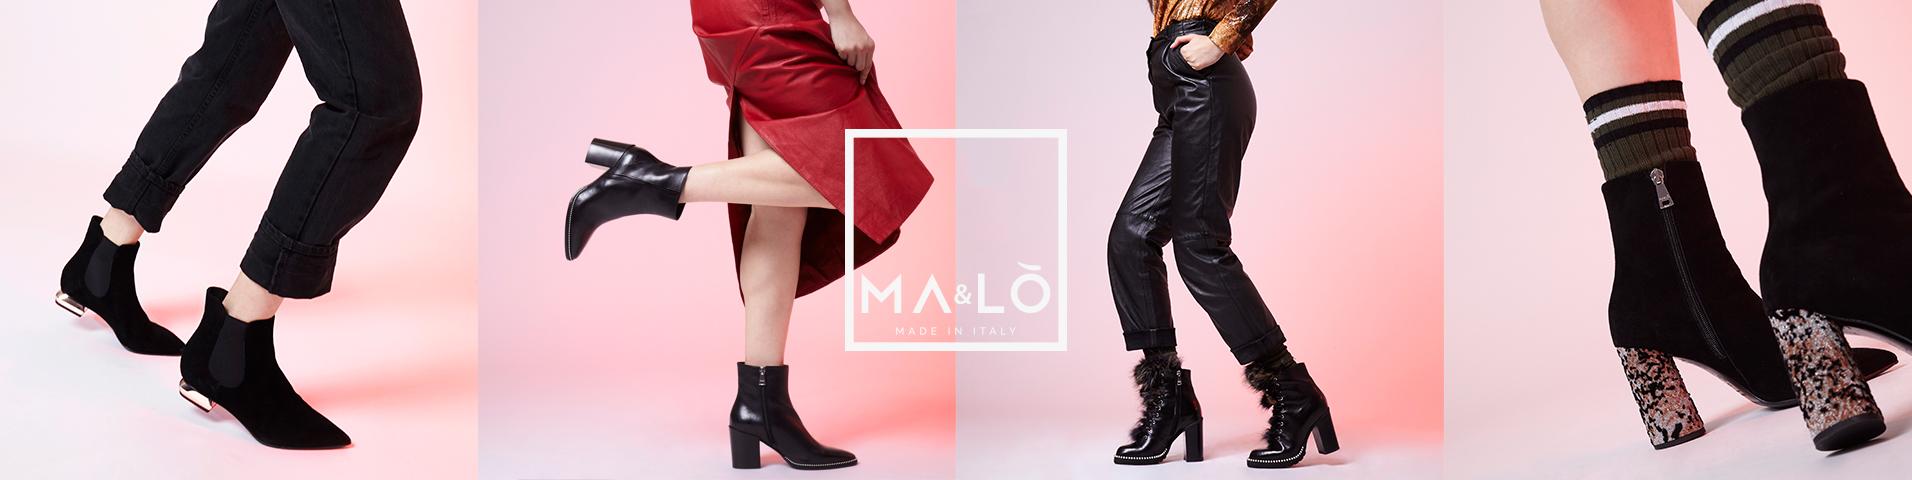 Gula MA&LO Skor online. Köp dina skor på ZALANDO.se